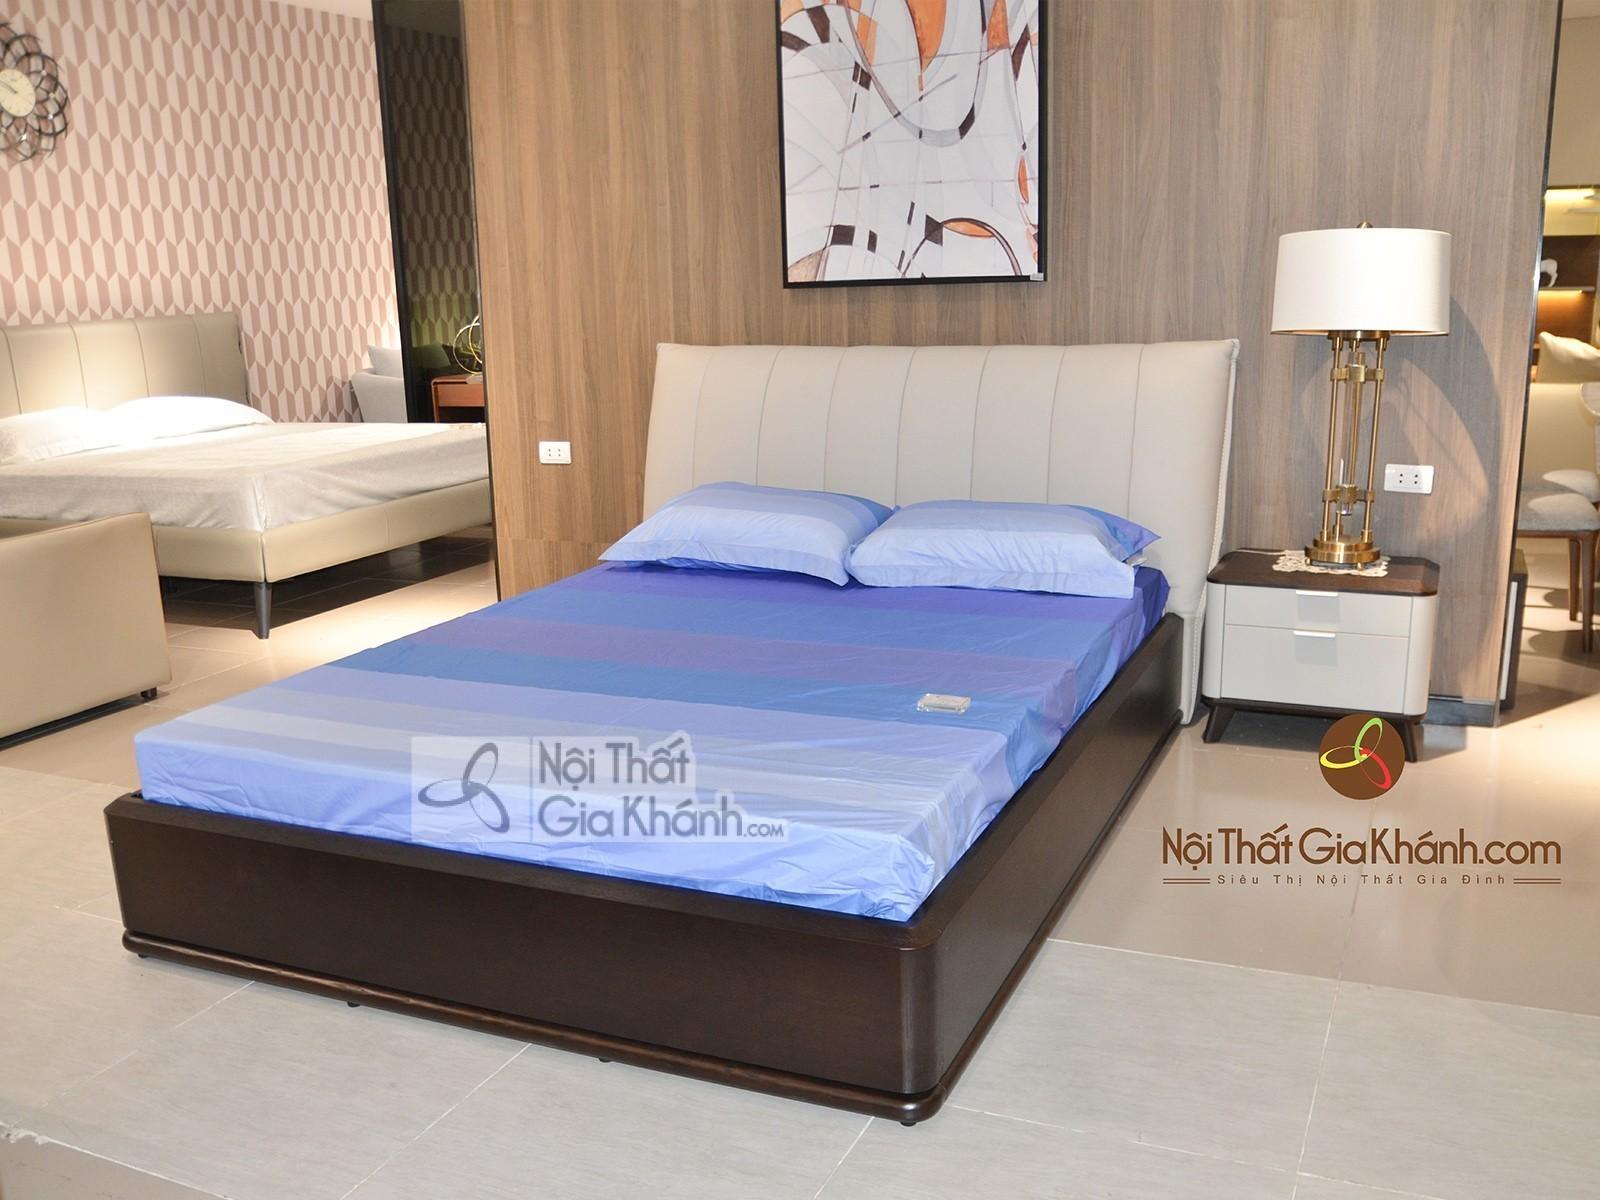 Giường ngủ gỗ hiện đại sang trọng GI1810T-15